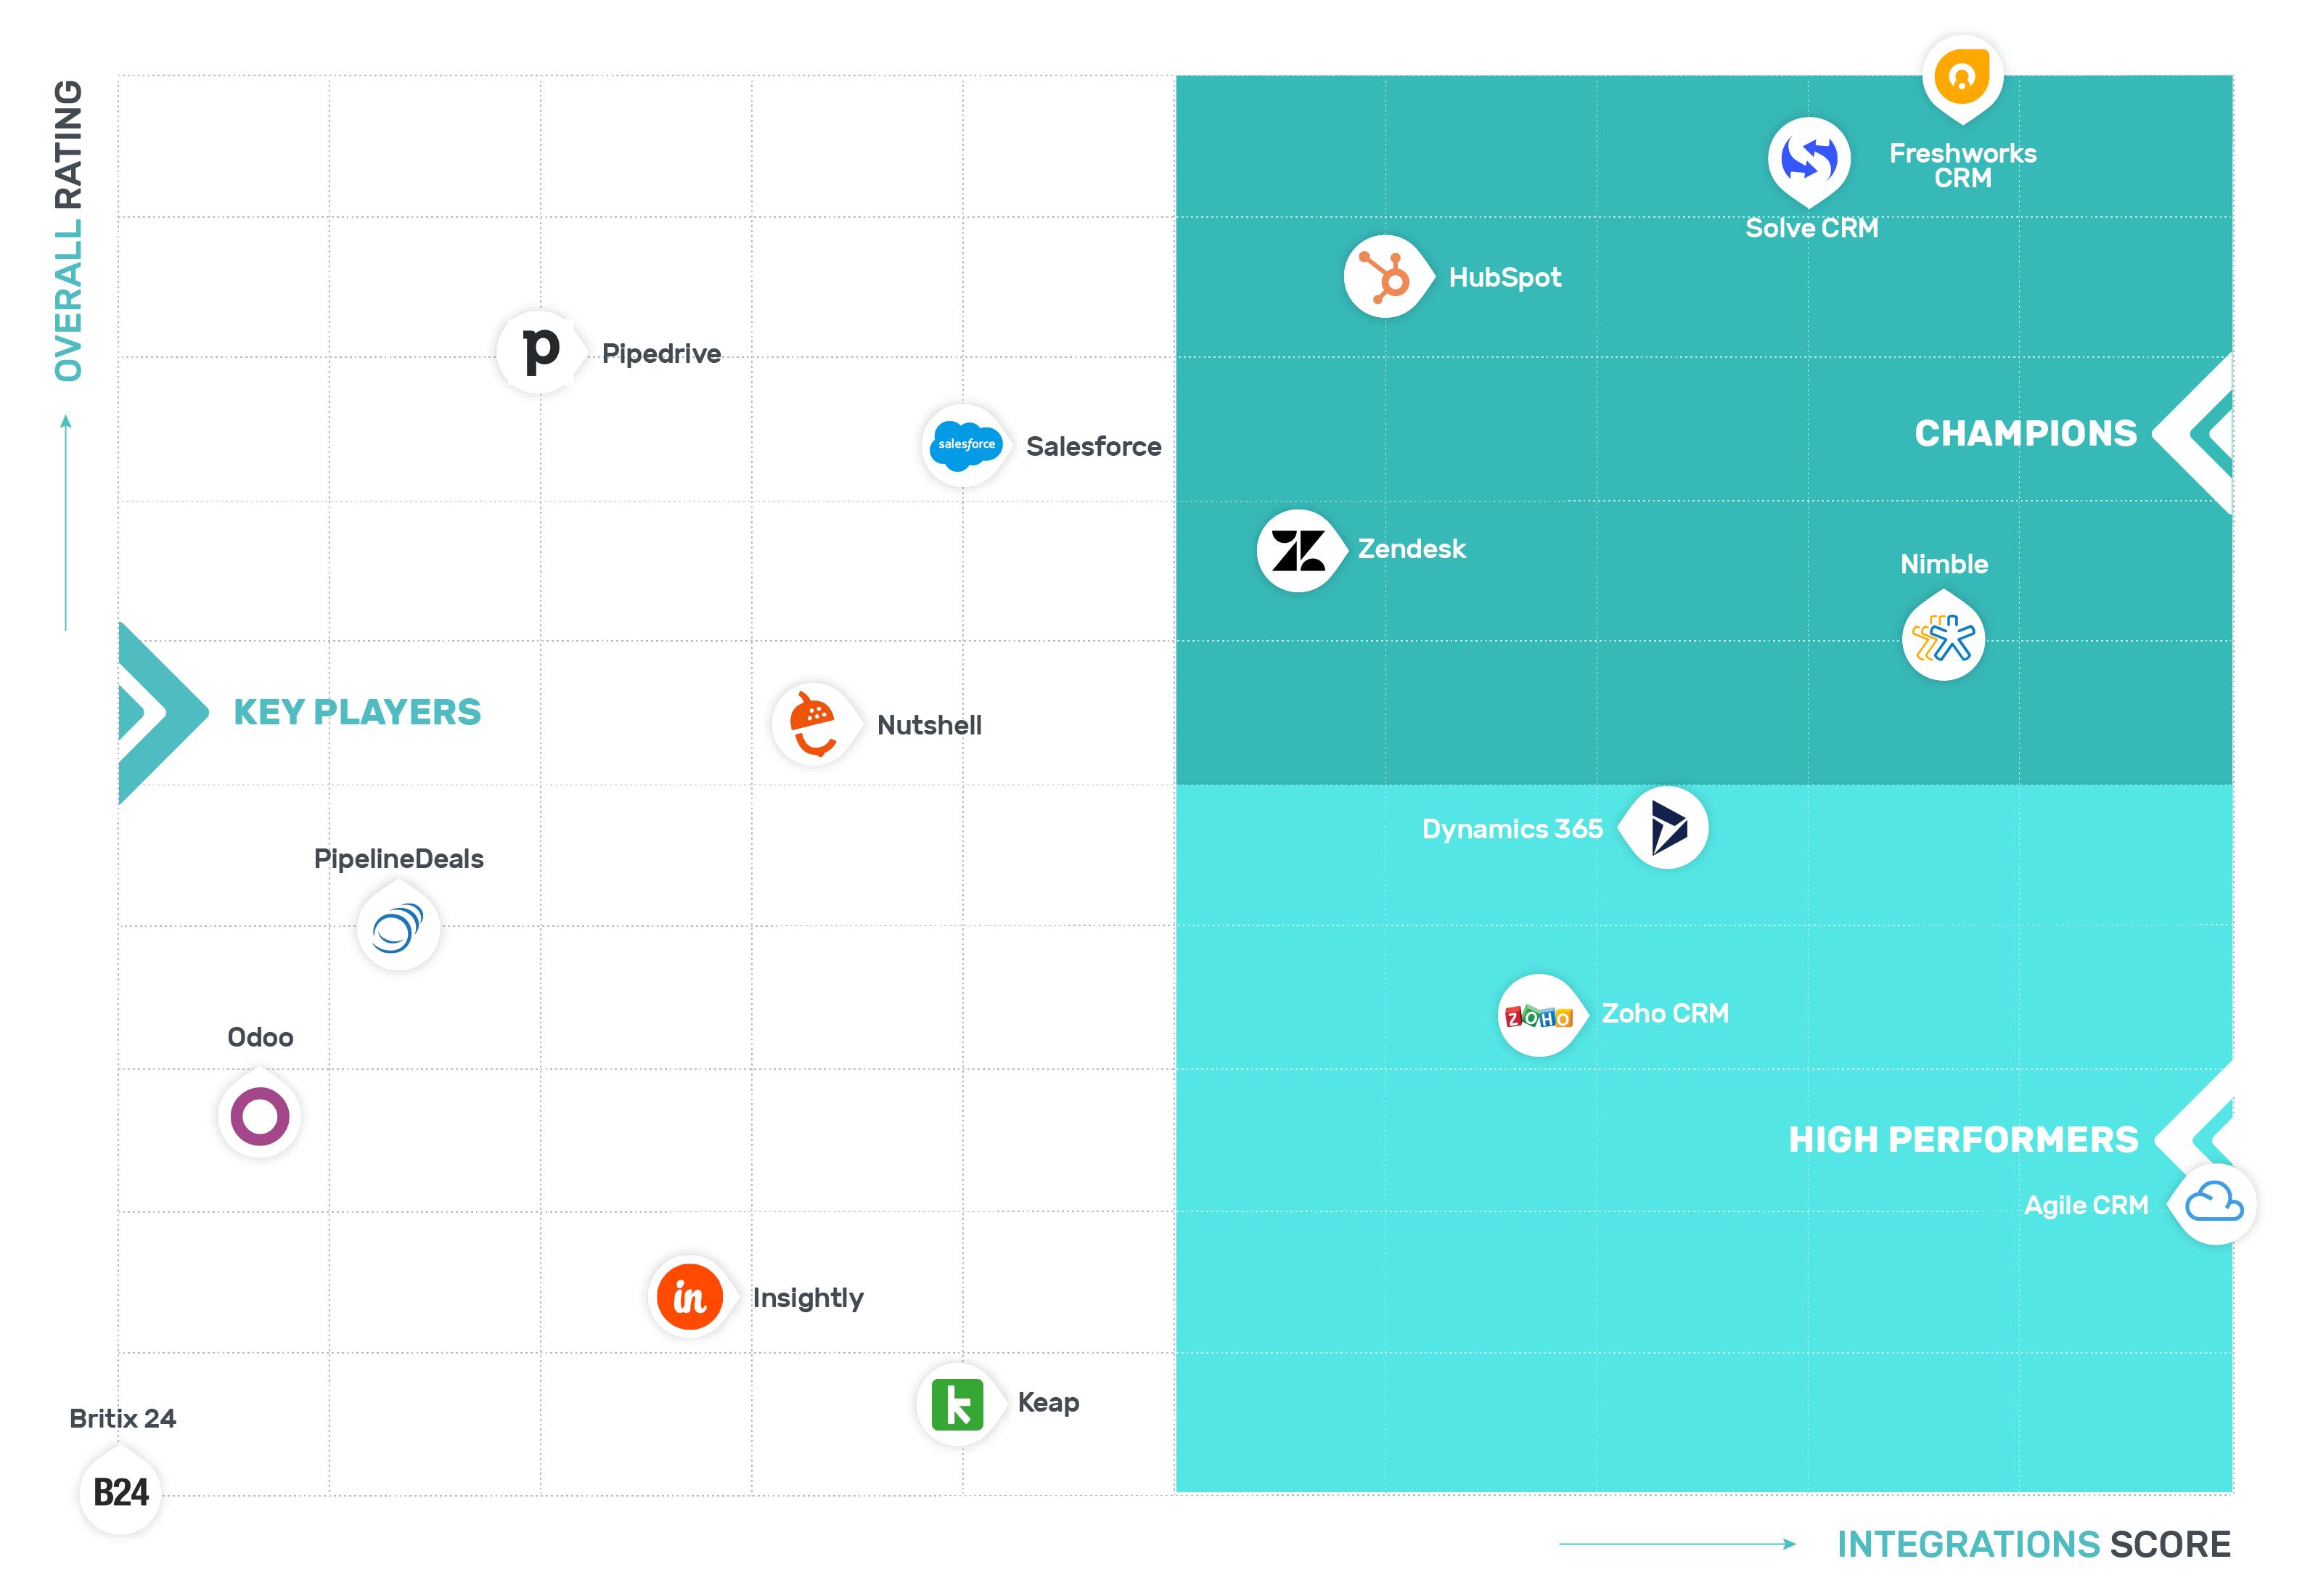 GetApp's Integration Leaders in CRM Grid